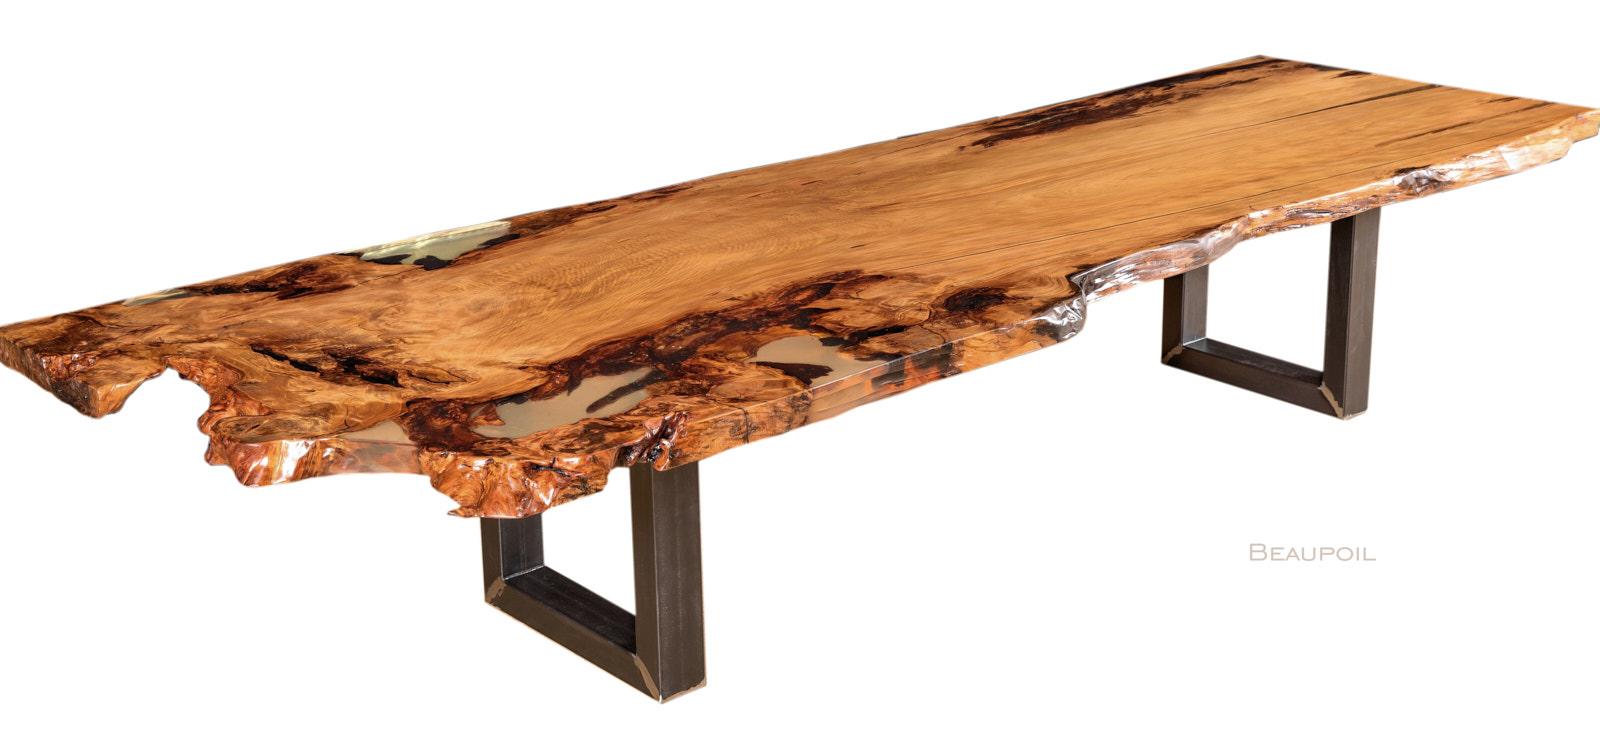 Grosser Kauri Konferenztisch als wertvollen Holztisch mit einzigartiger Tischplatte mit Wurzel und Stammanteil als wertvolle Geldanlage